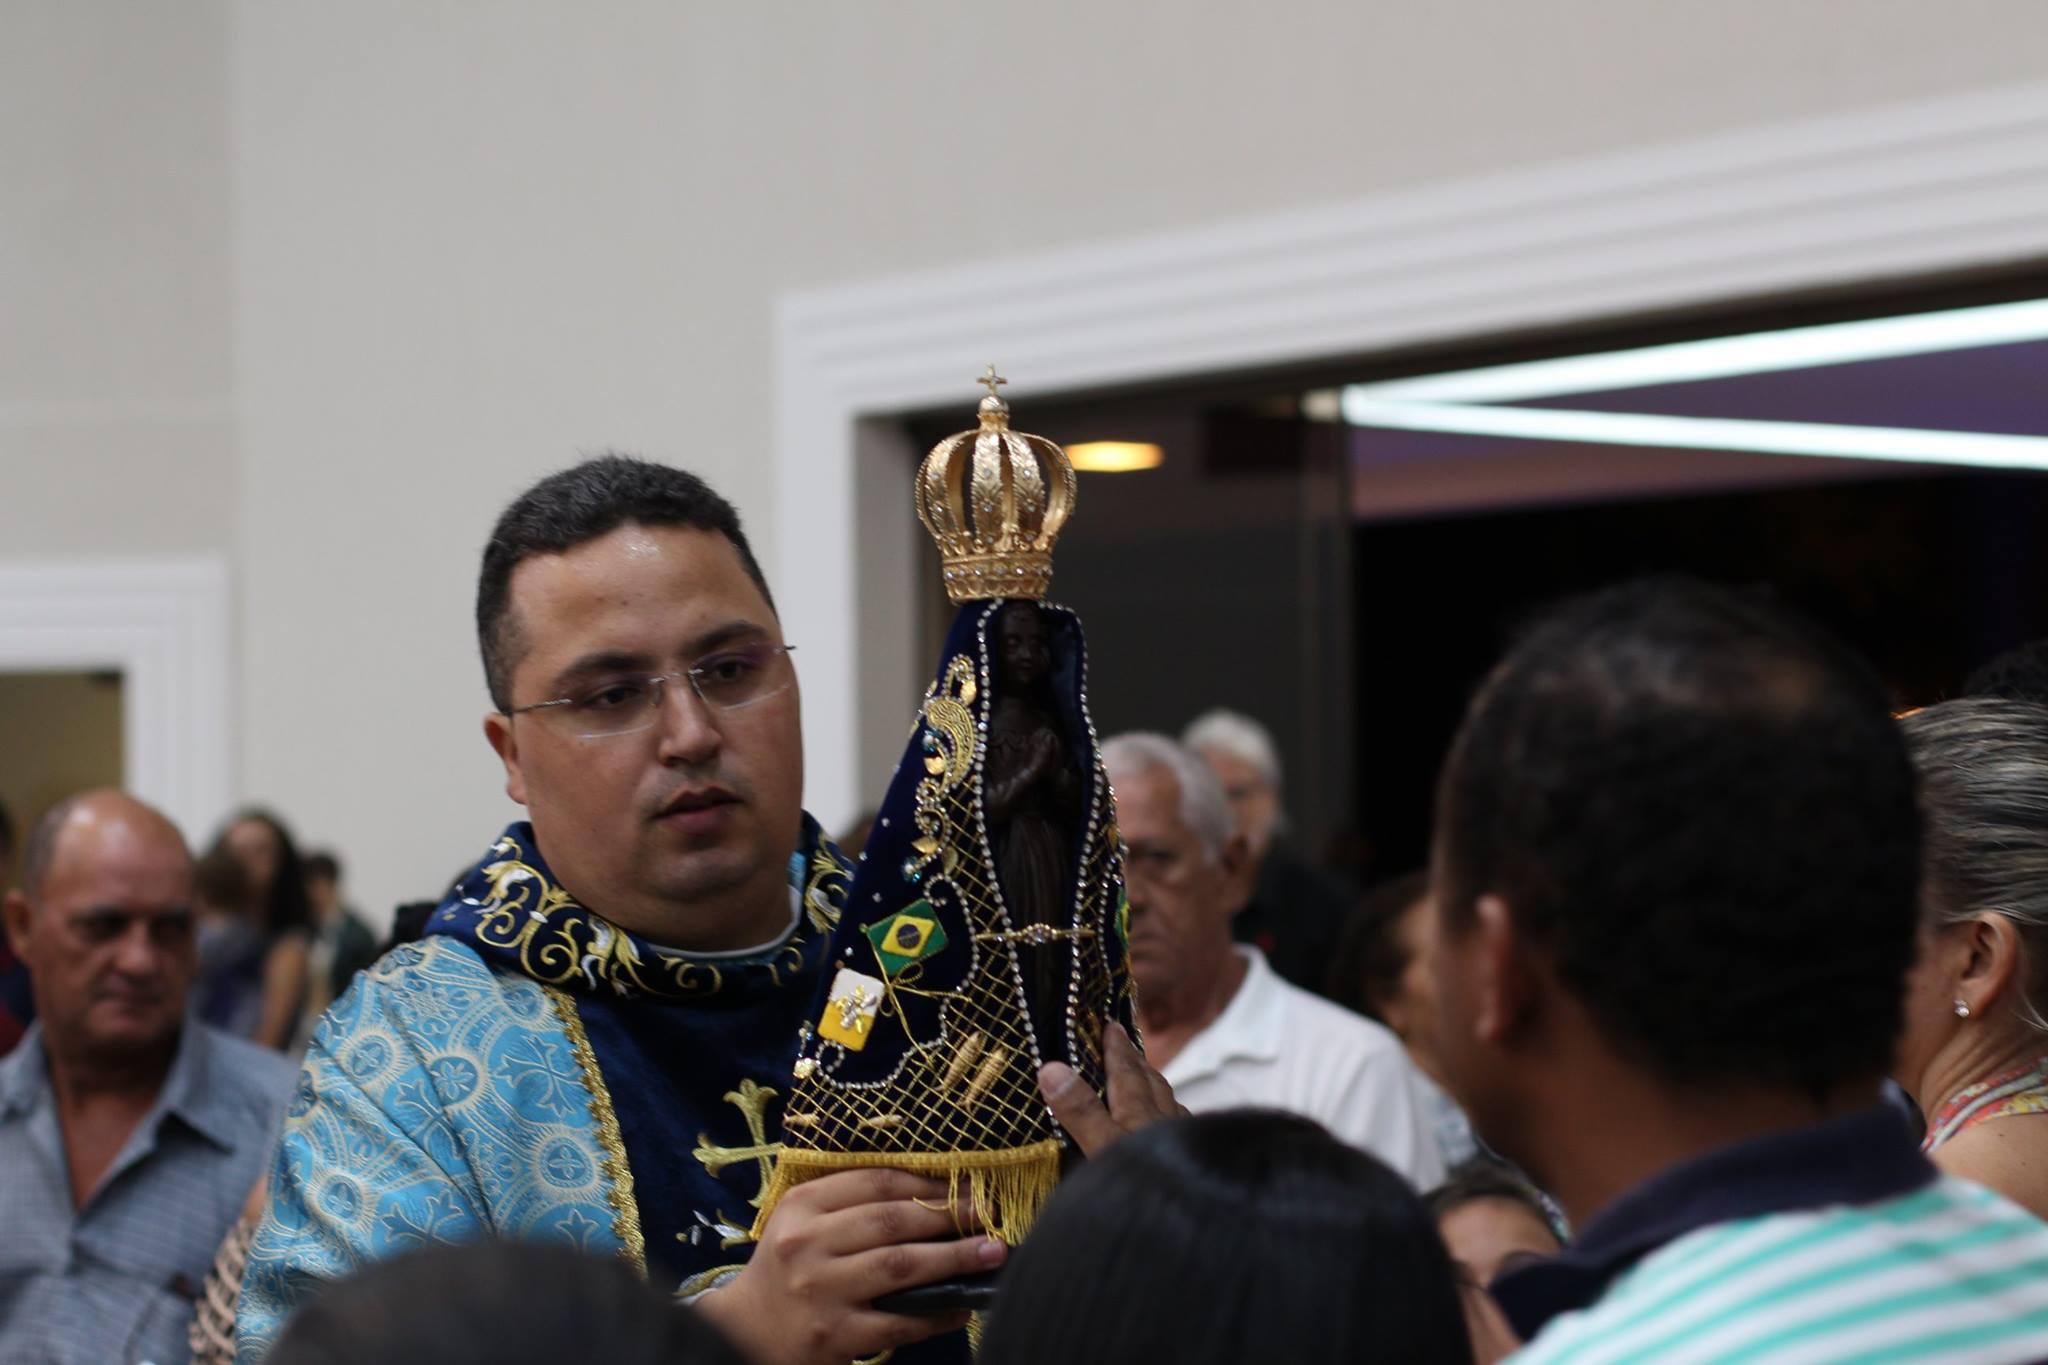 300 Anos da Aparição da Imagem de Nossa Senhora da Conceição Aparecida.